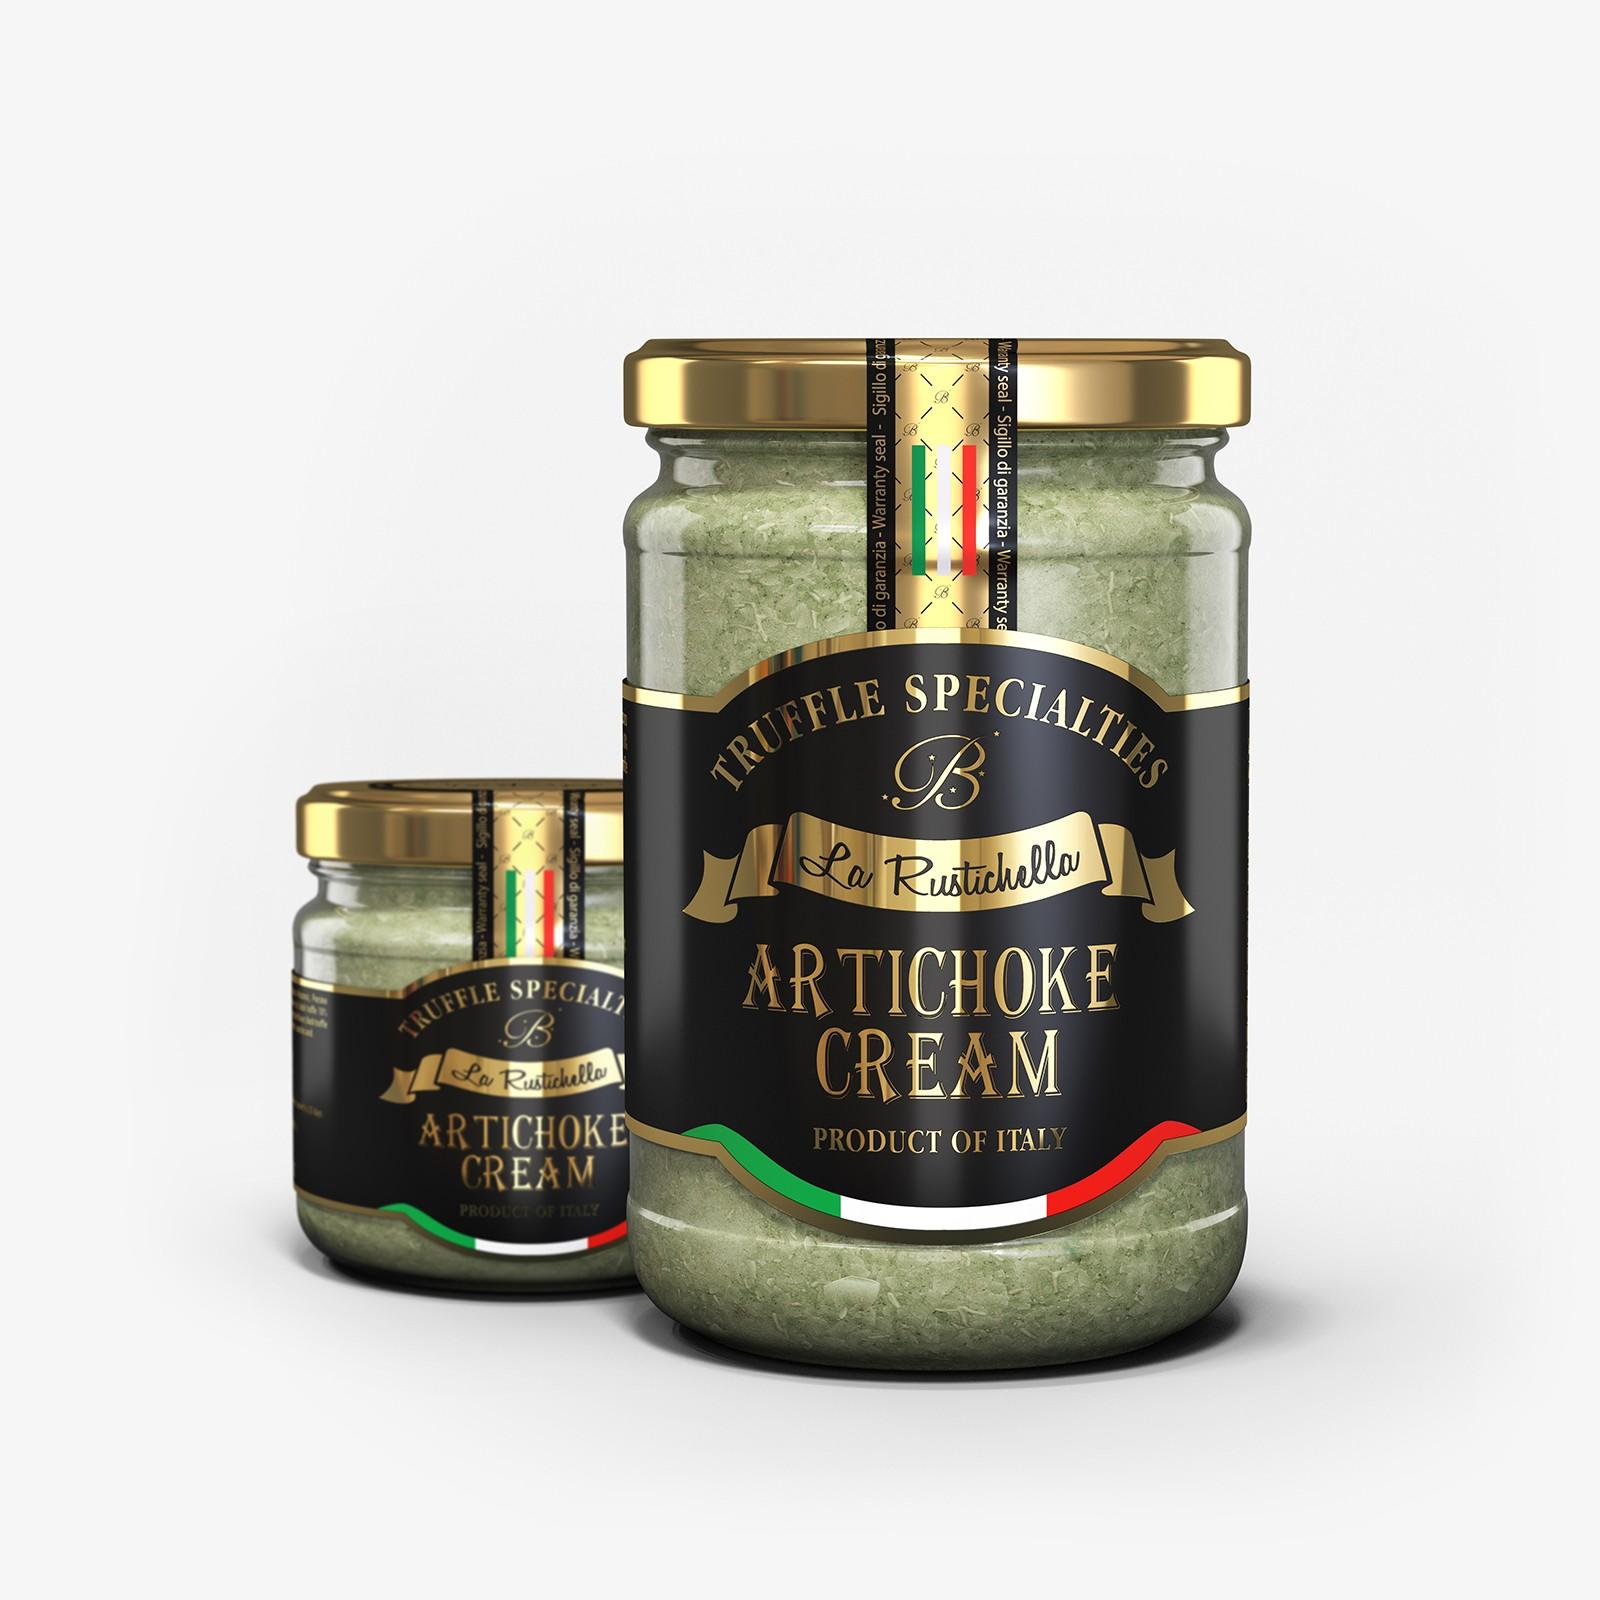 Artichoke Cream